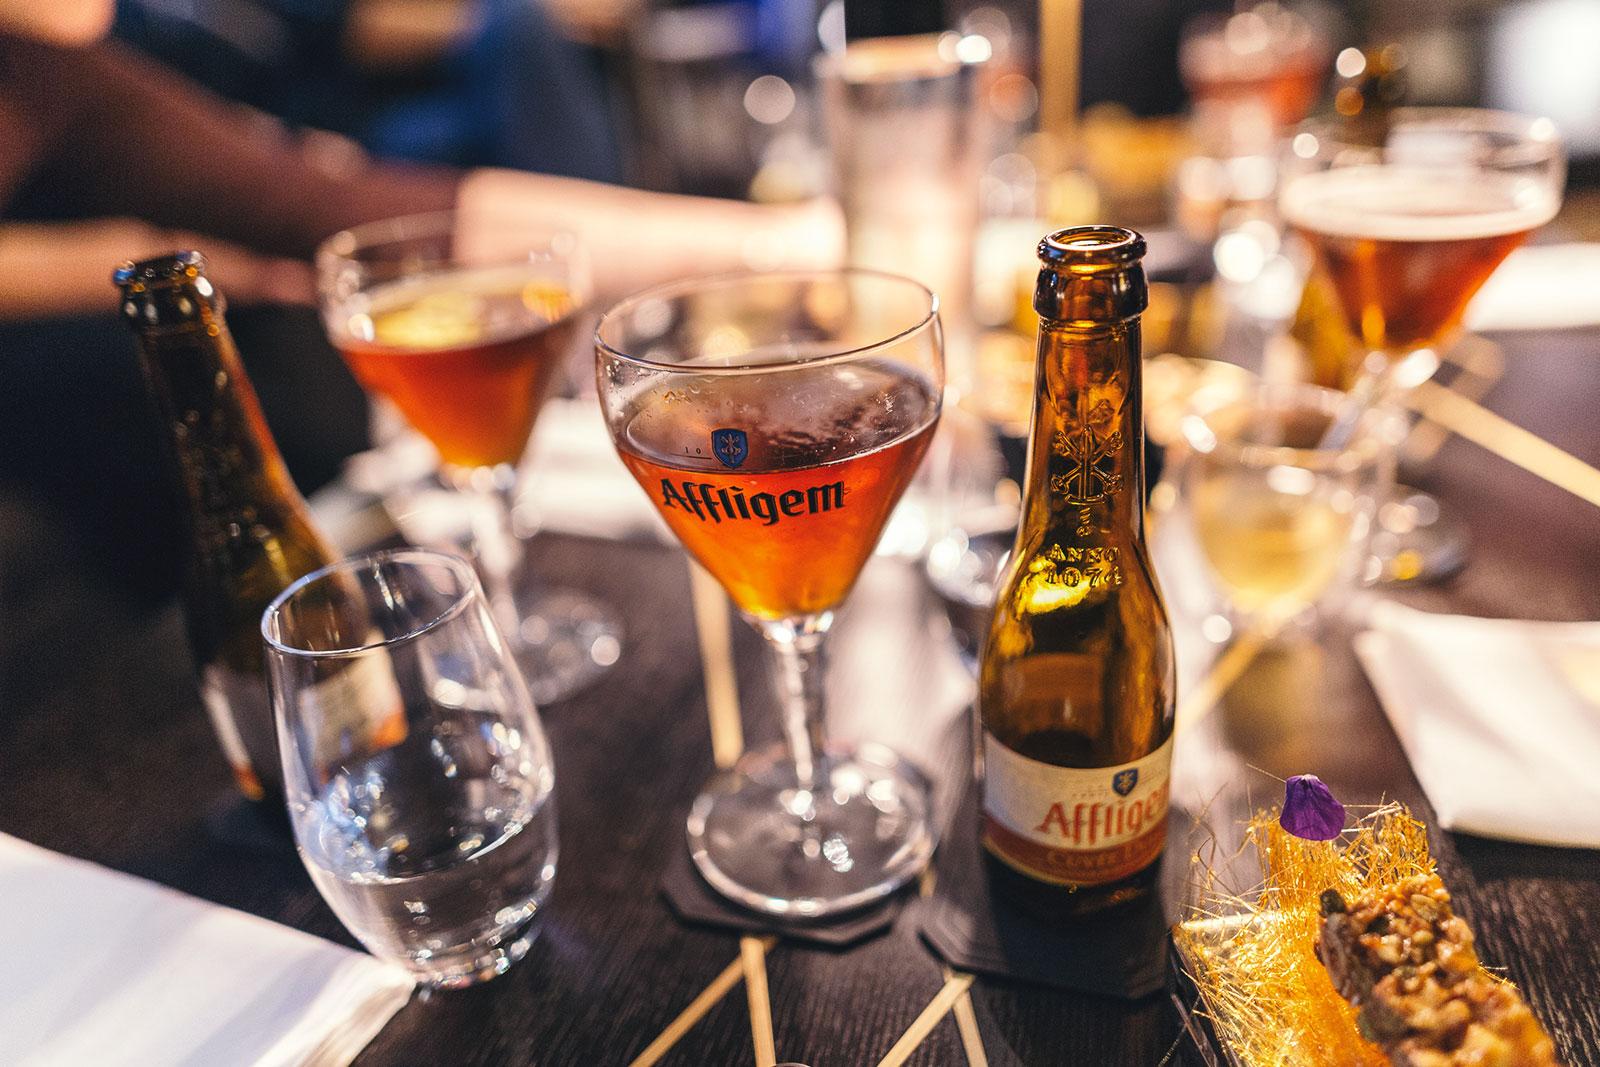 Bière Affligem Cuvée Dulce